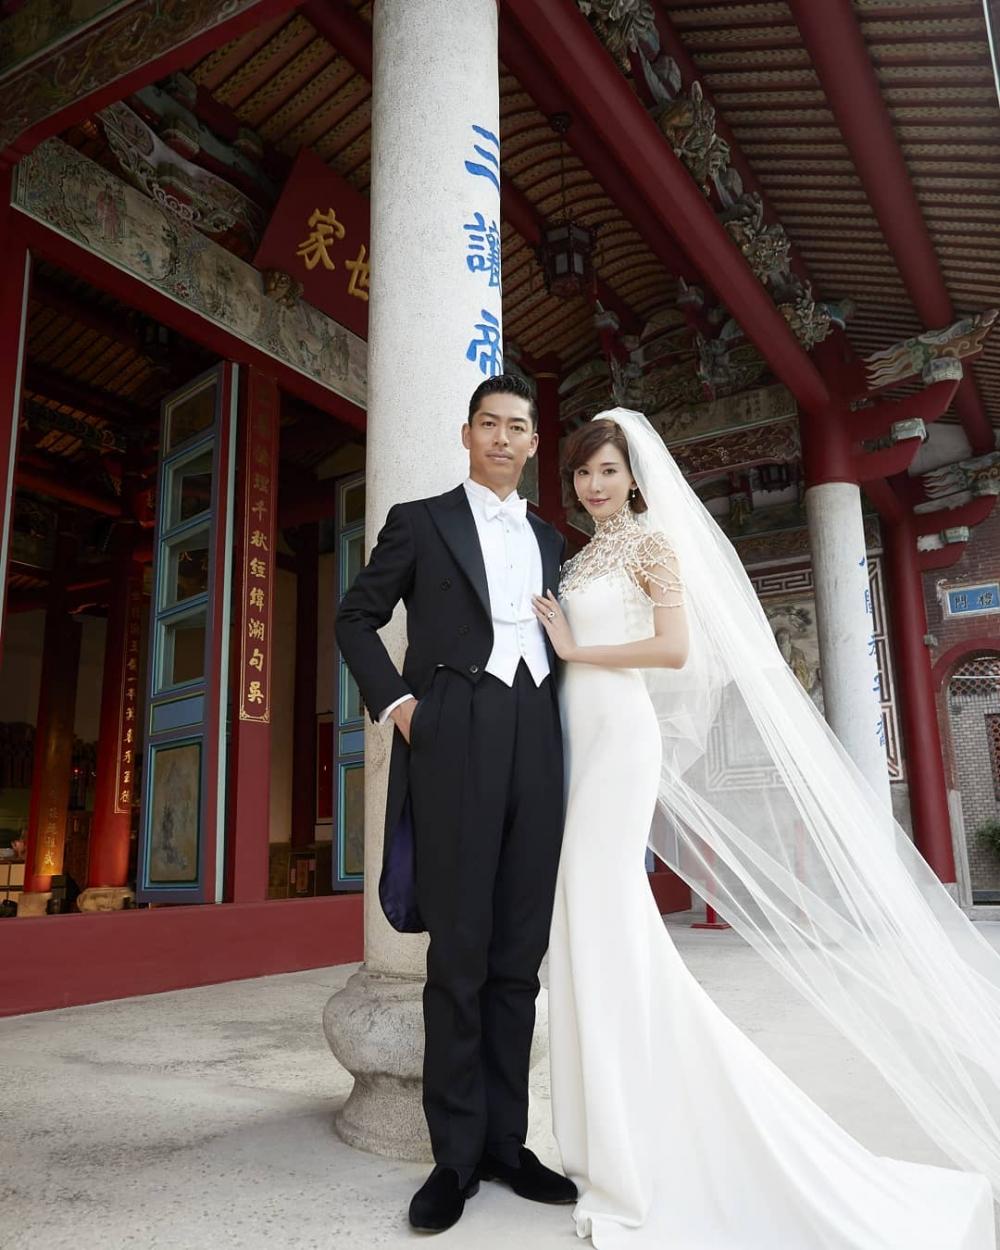 林志玲、AKIRA結婚2週年「棉婚」